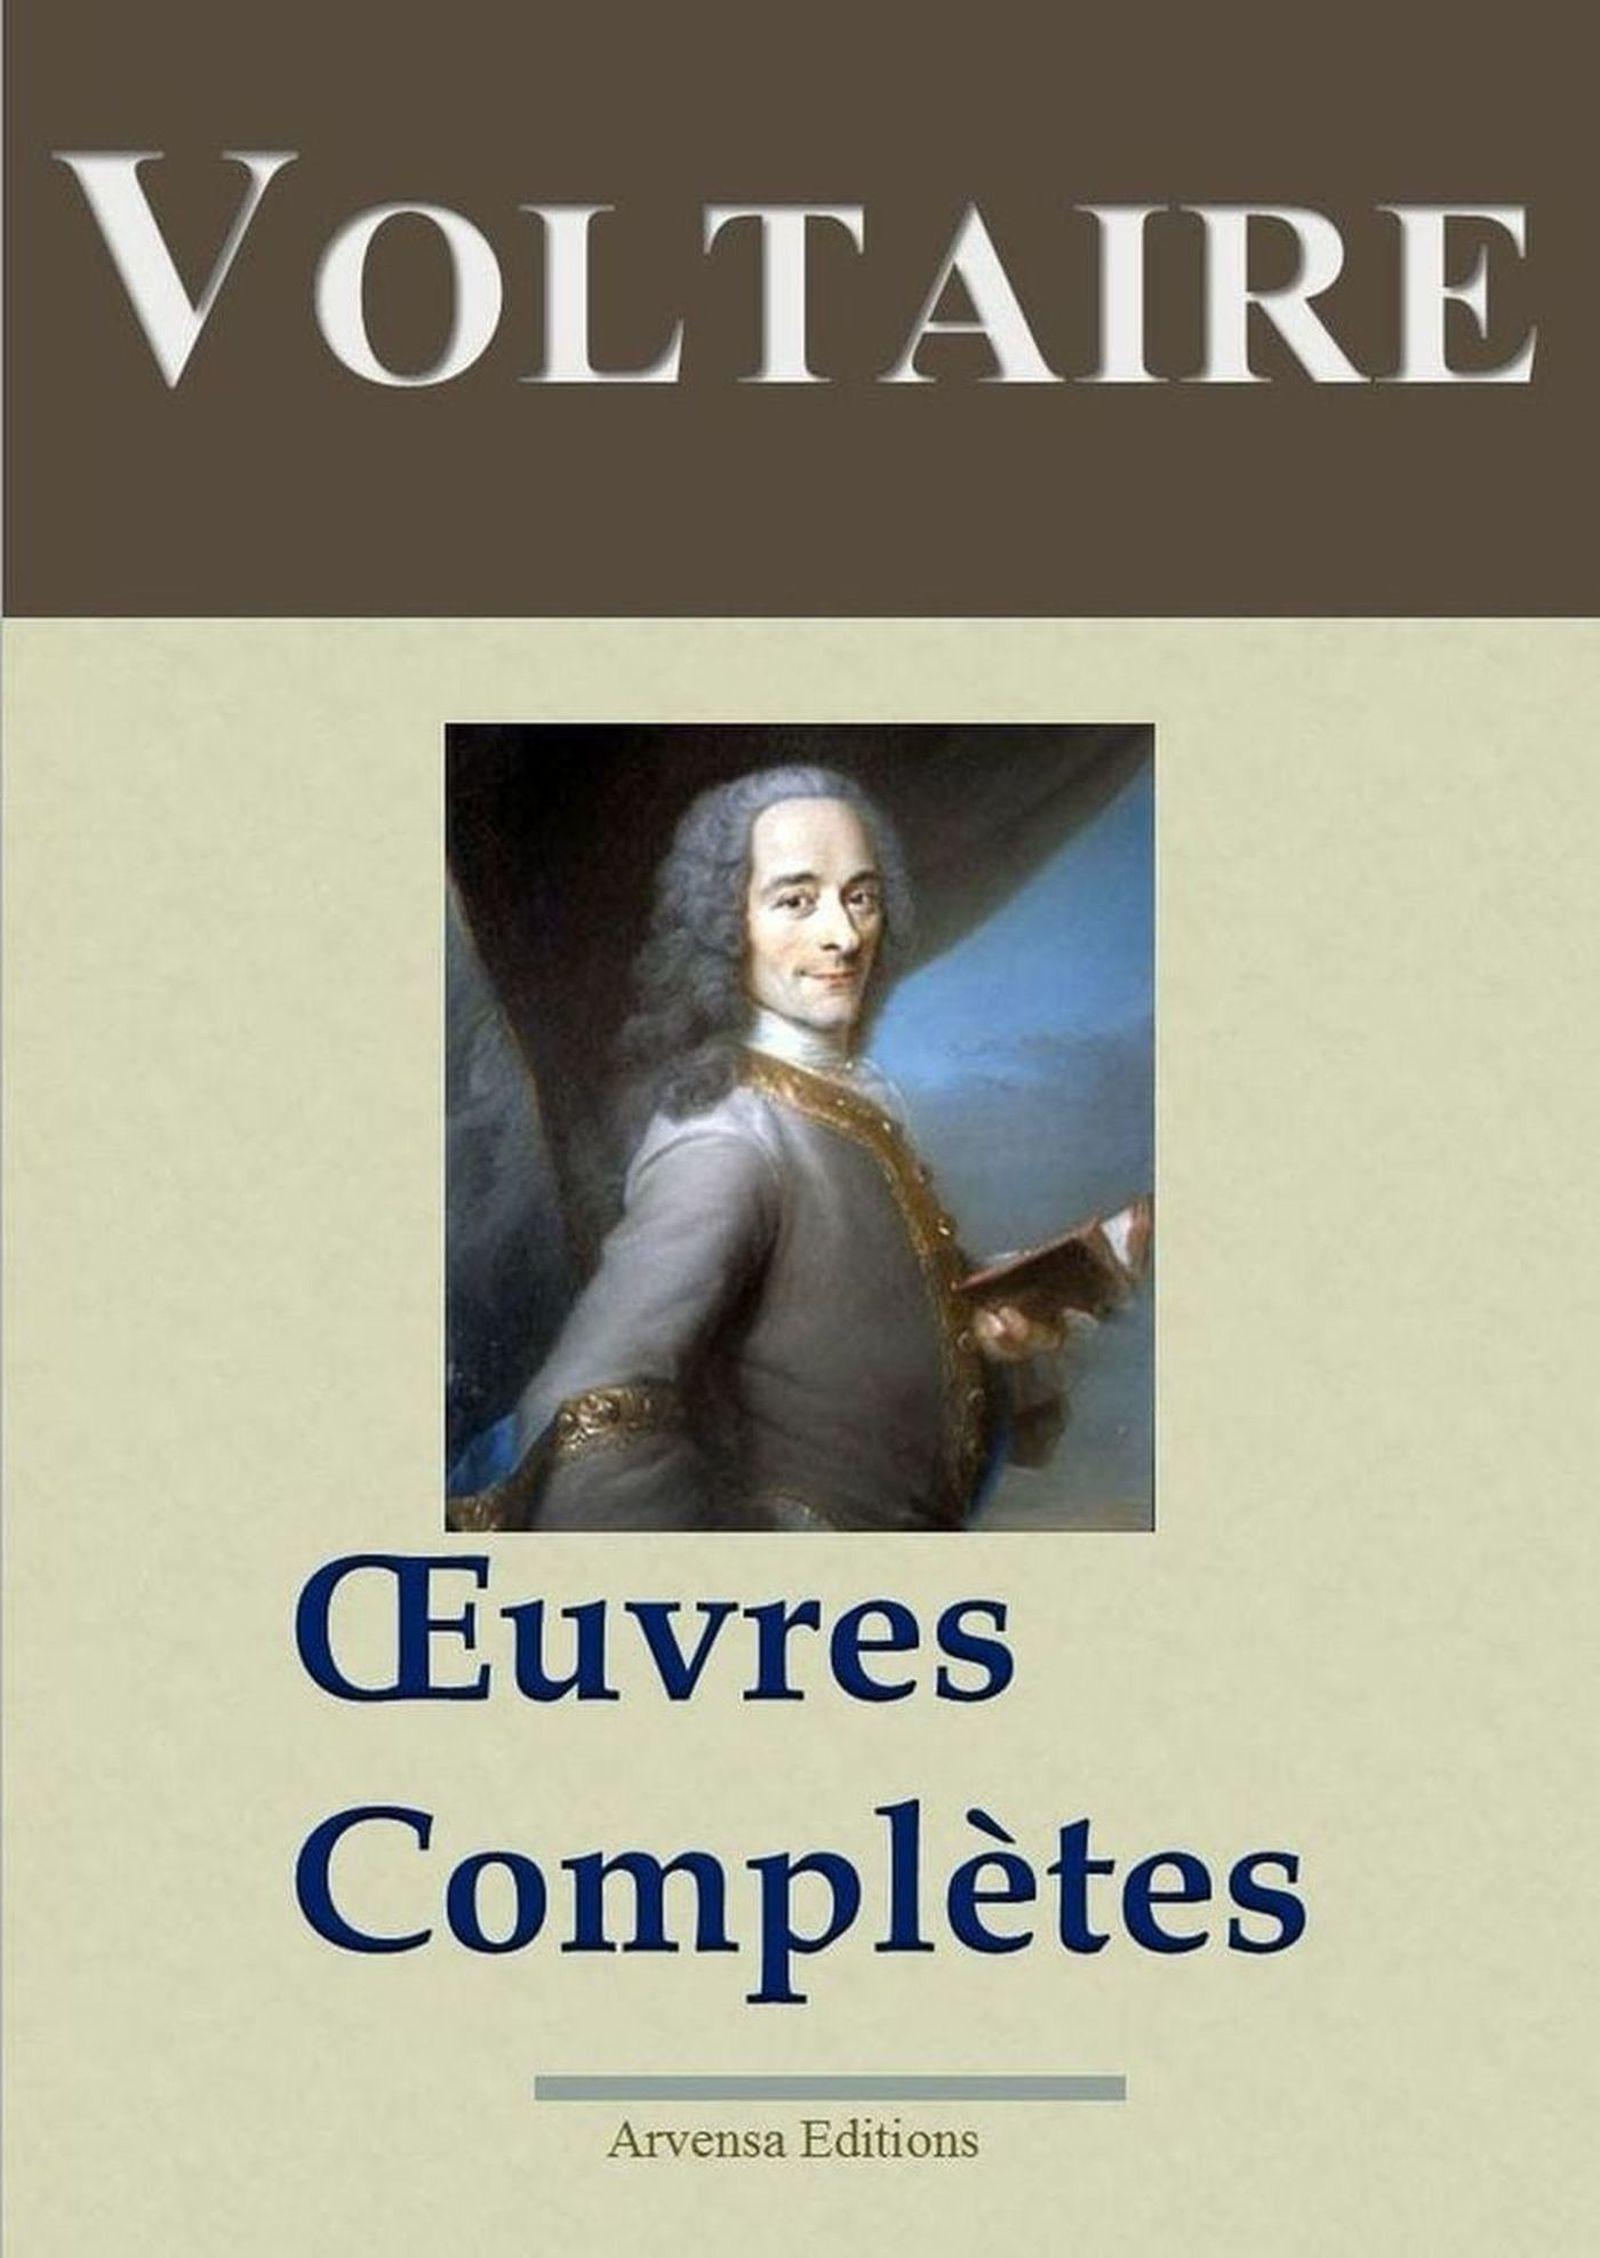 Voltaire : Oeuvres complètes et annexes - (145 titres, annotés)